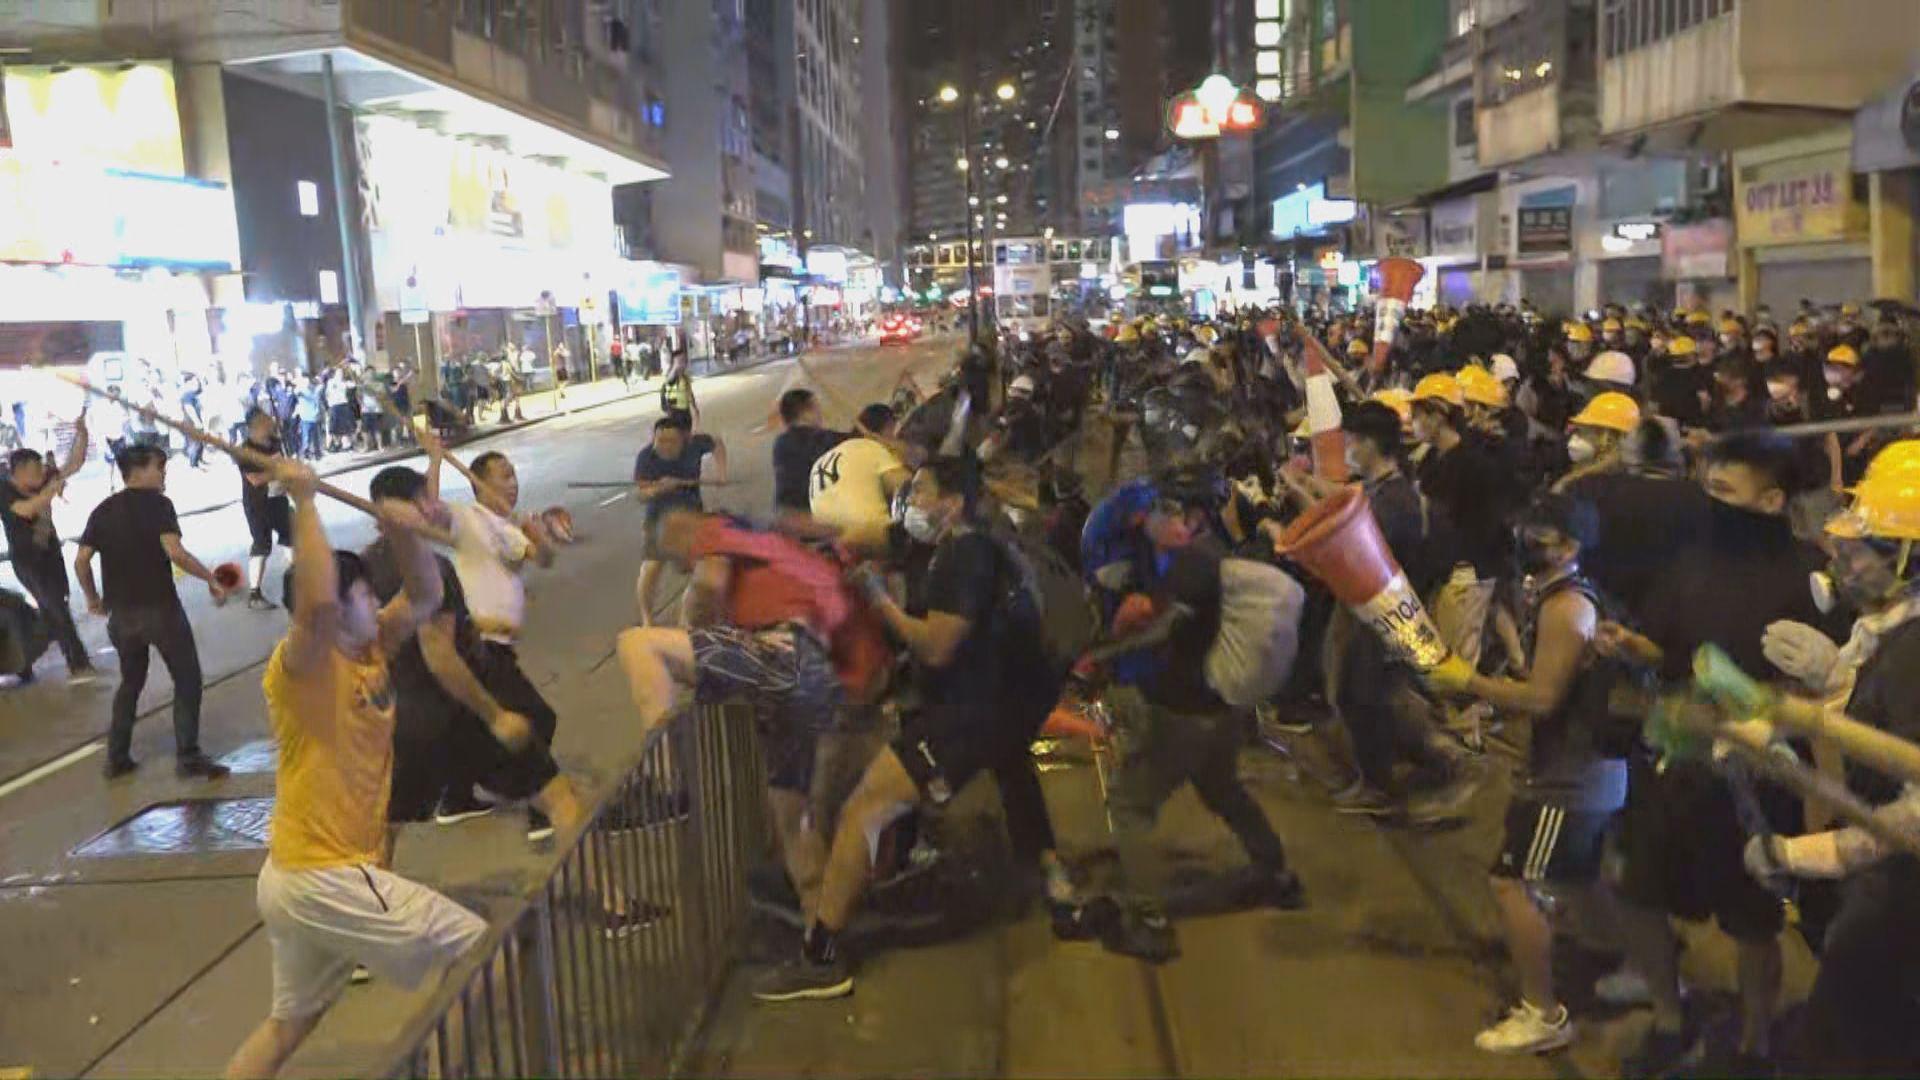 示威者北角警署投擲雜物 警方發射催淚彈